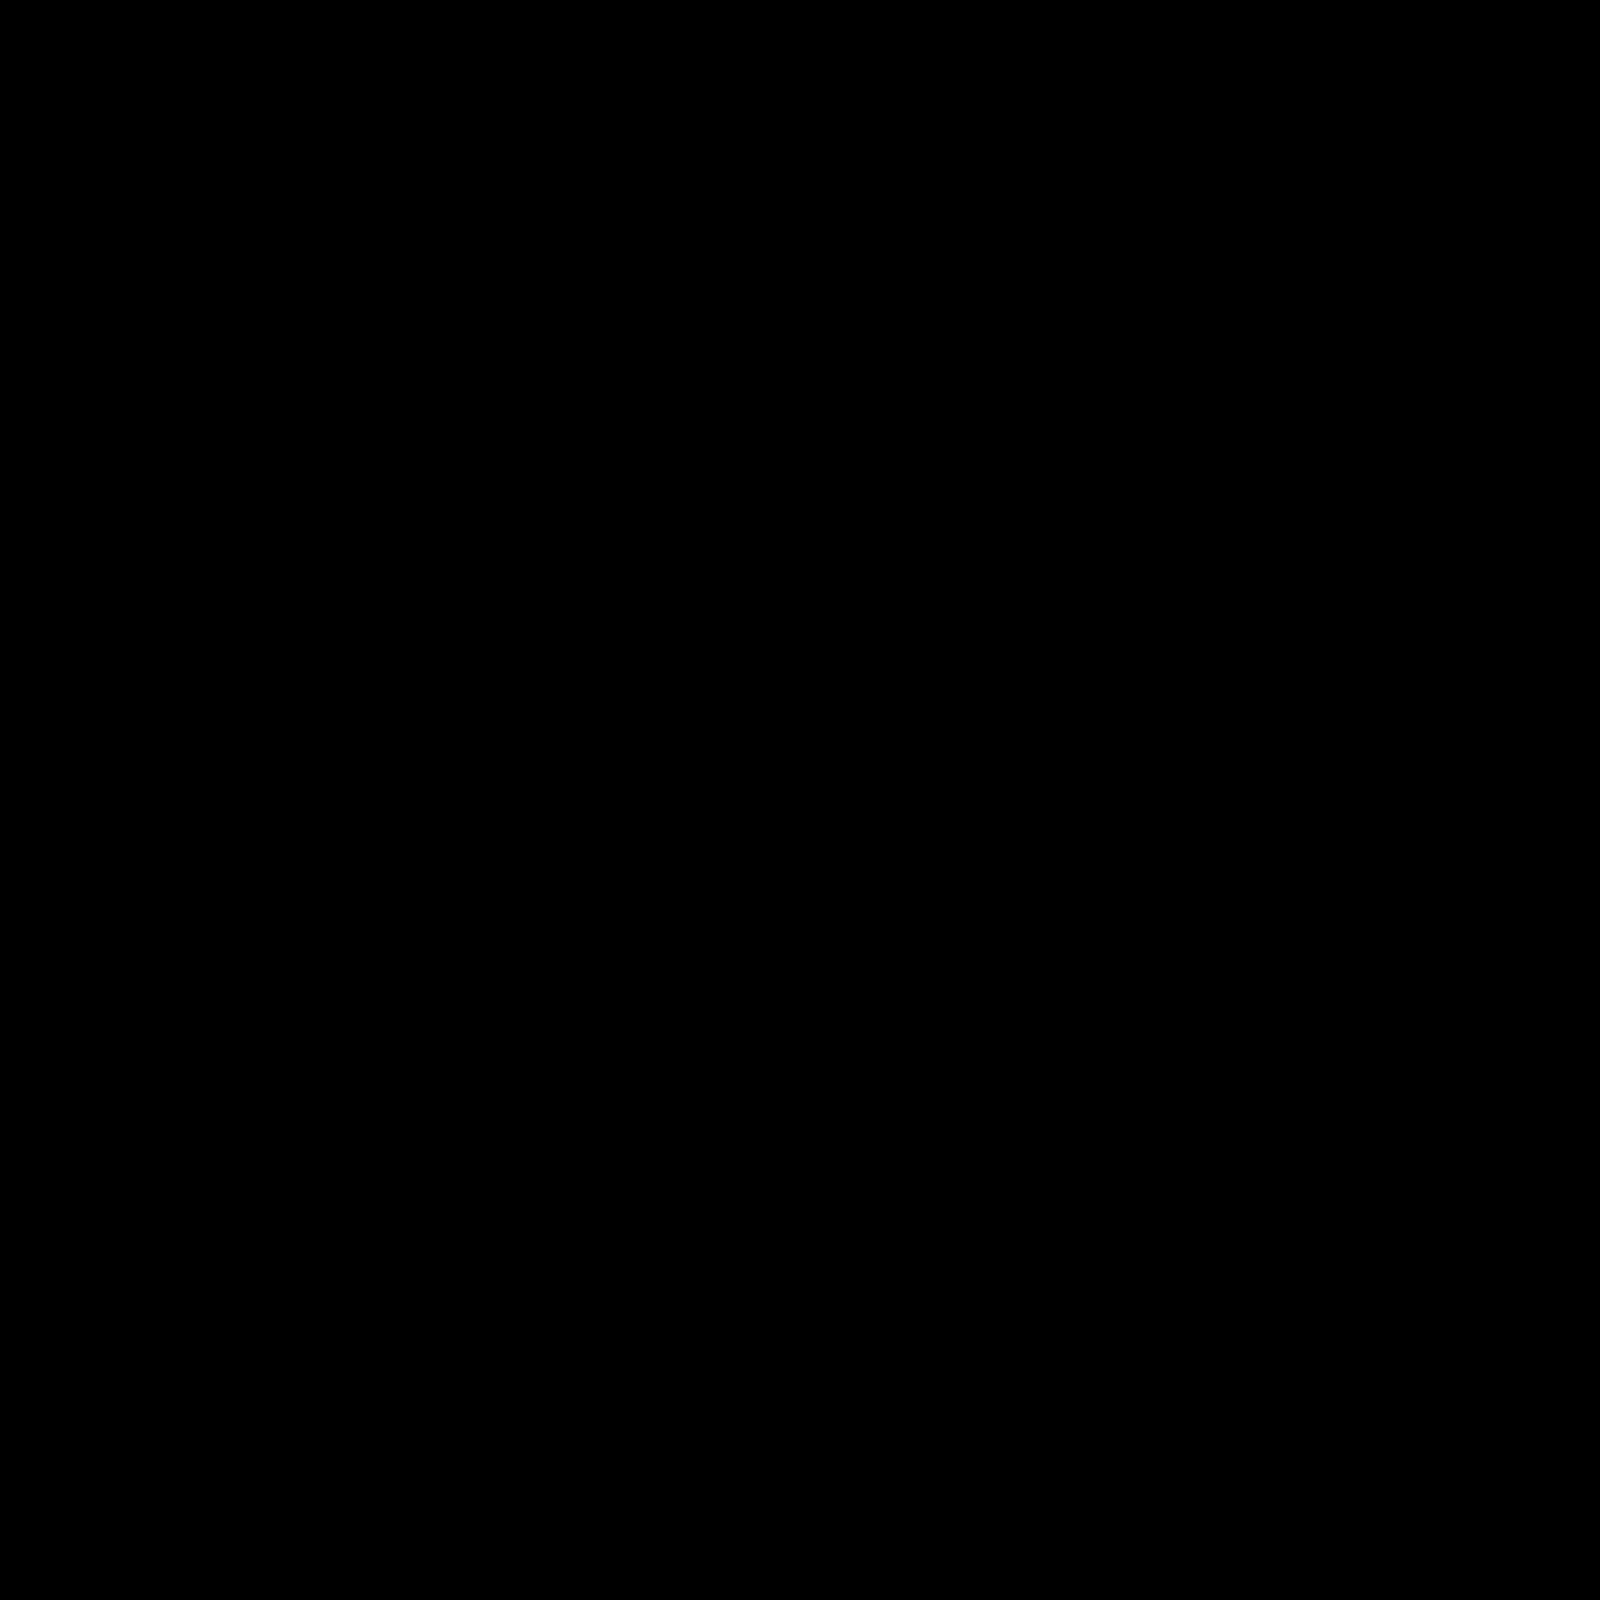 规划技巧 icon